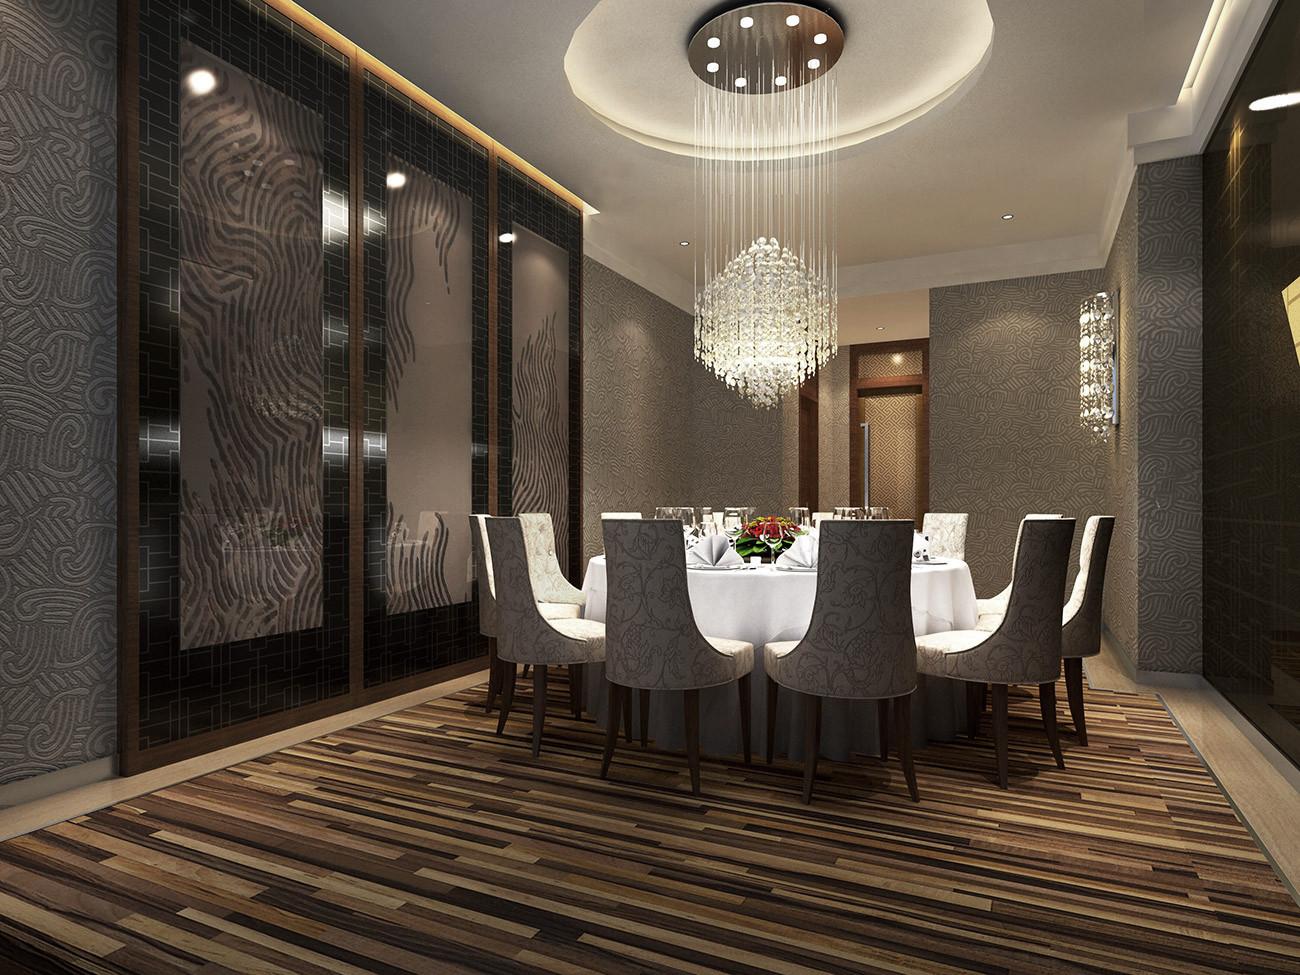 酒店设计 餐厅图片来自智尚设计在上海商务酒店装修设计效果图的分享